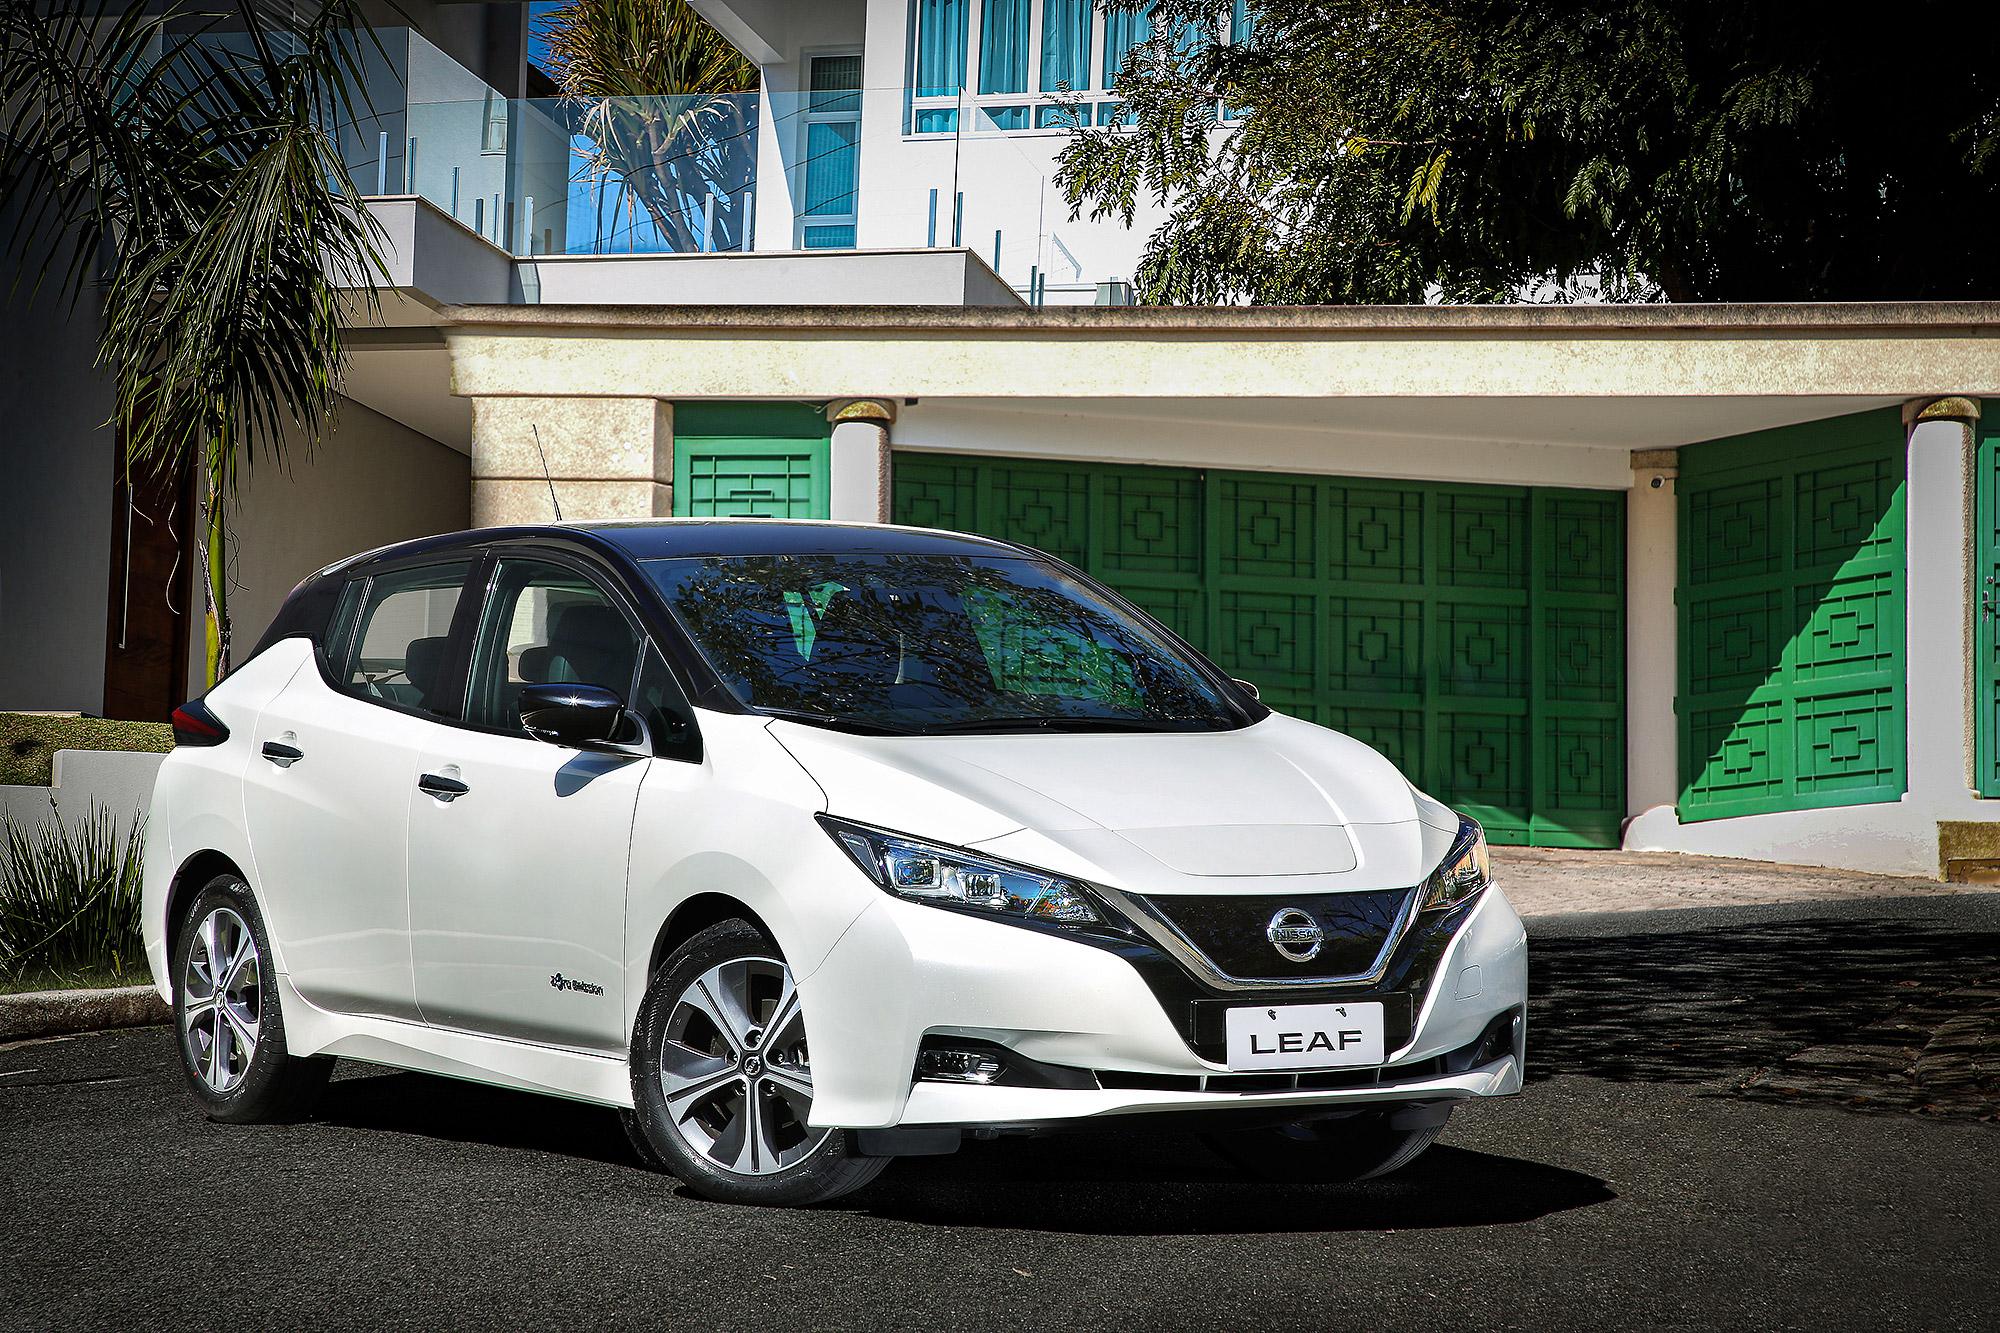 因為整體架構較為成熟,以蓄電池搭配電動馬達的 BEV 電動車是目前各車廠主流的發展方向。